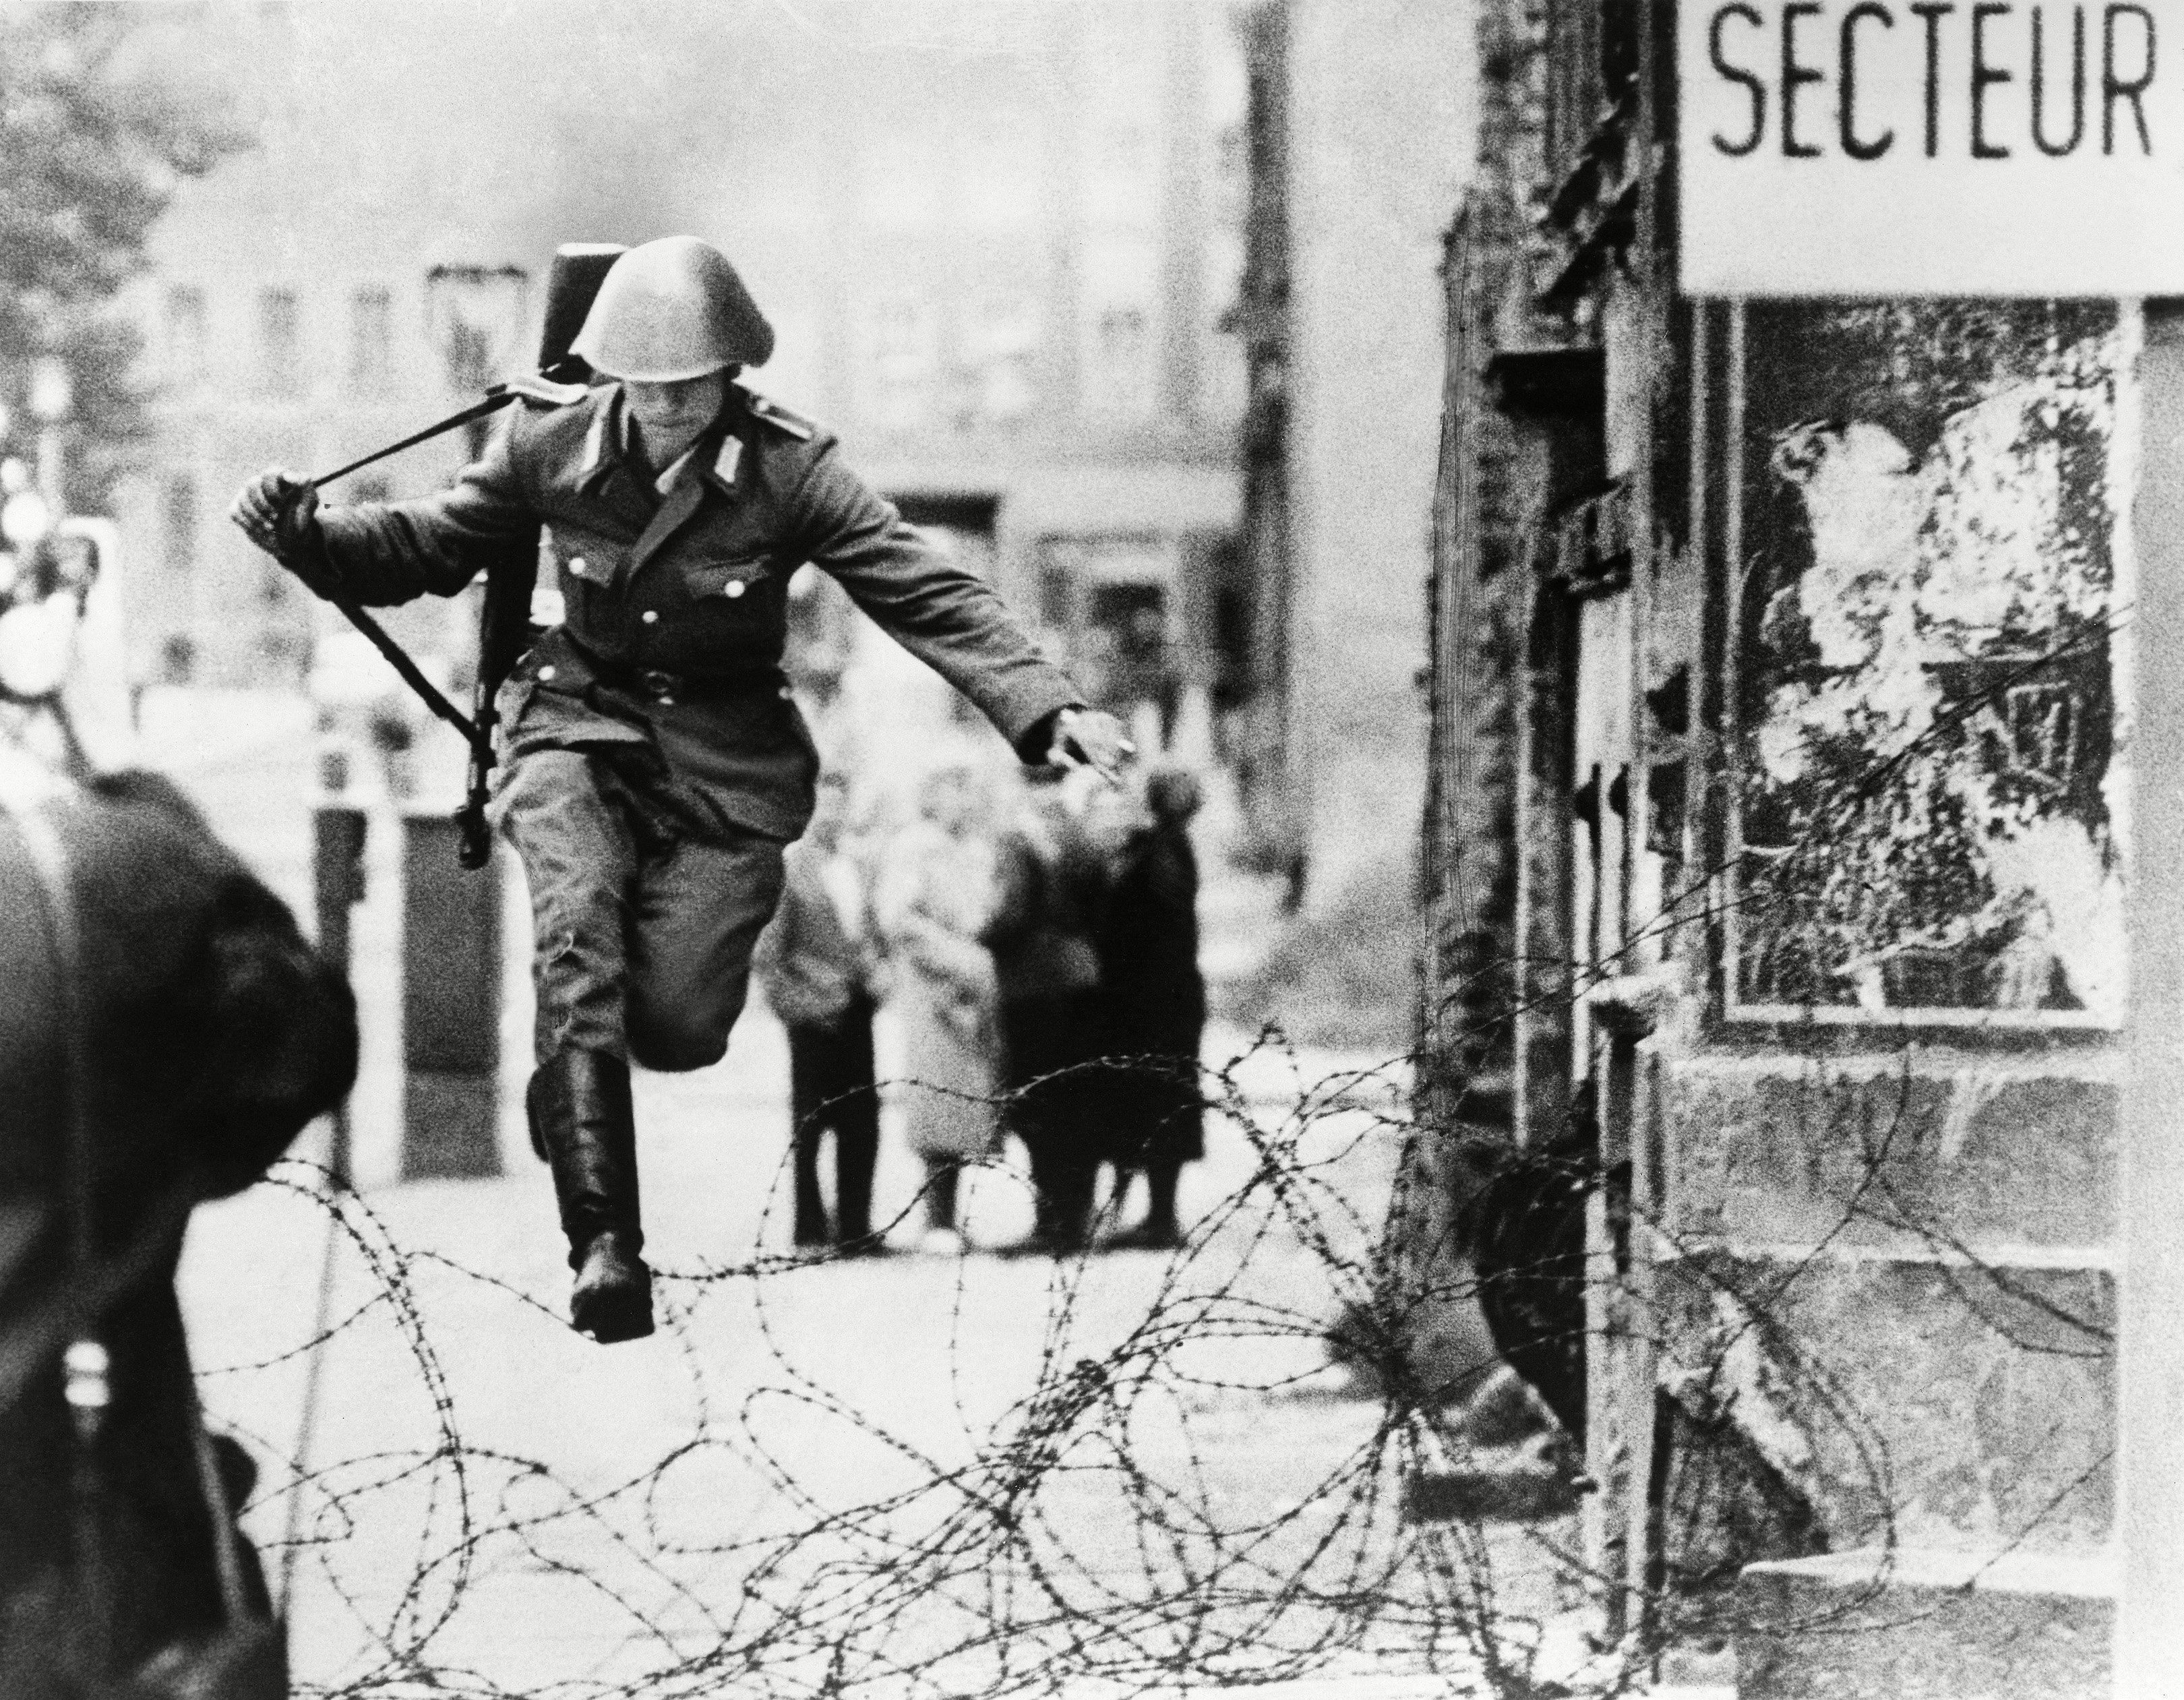 Conrad Schumann (1942-1998). el primer soldado de Alemania Oriental en huir hacia occidente tras la implantación del muro el 15 de agosto de 1961